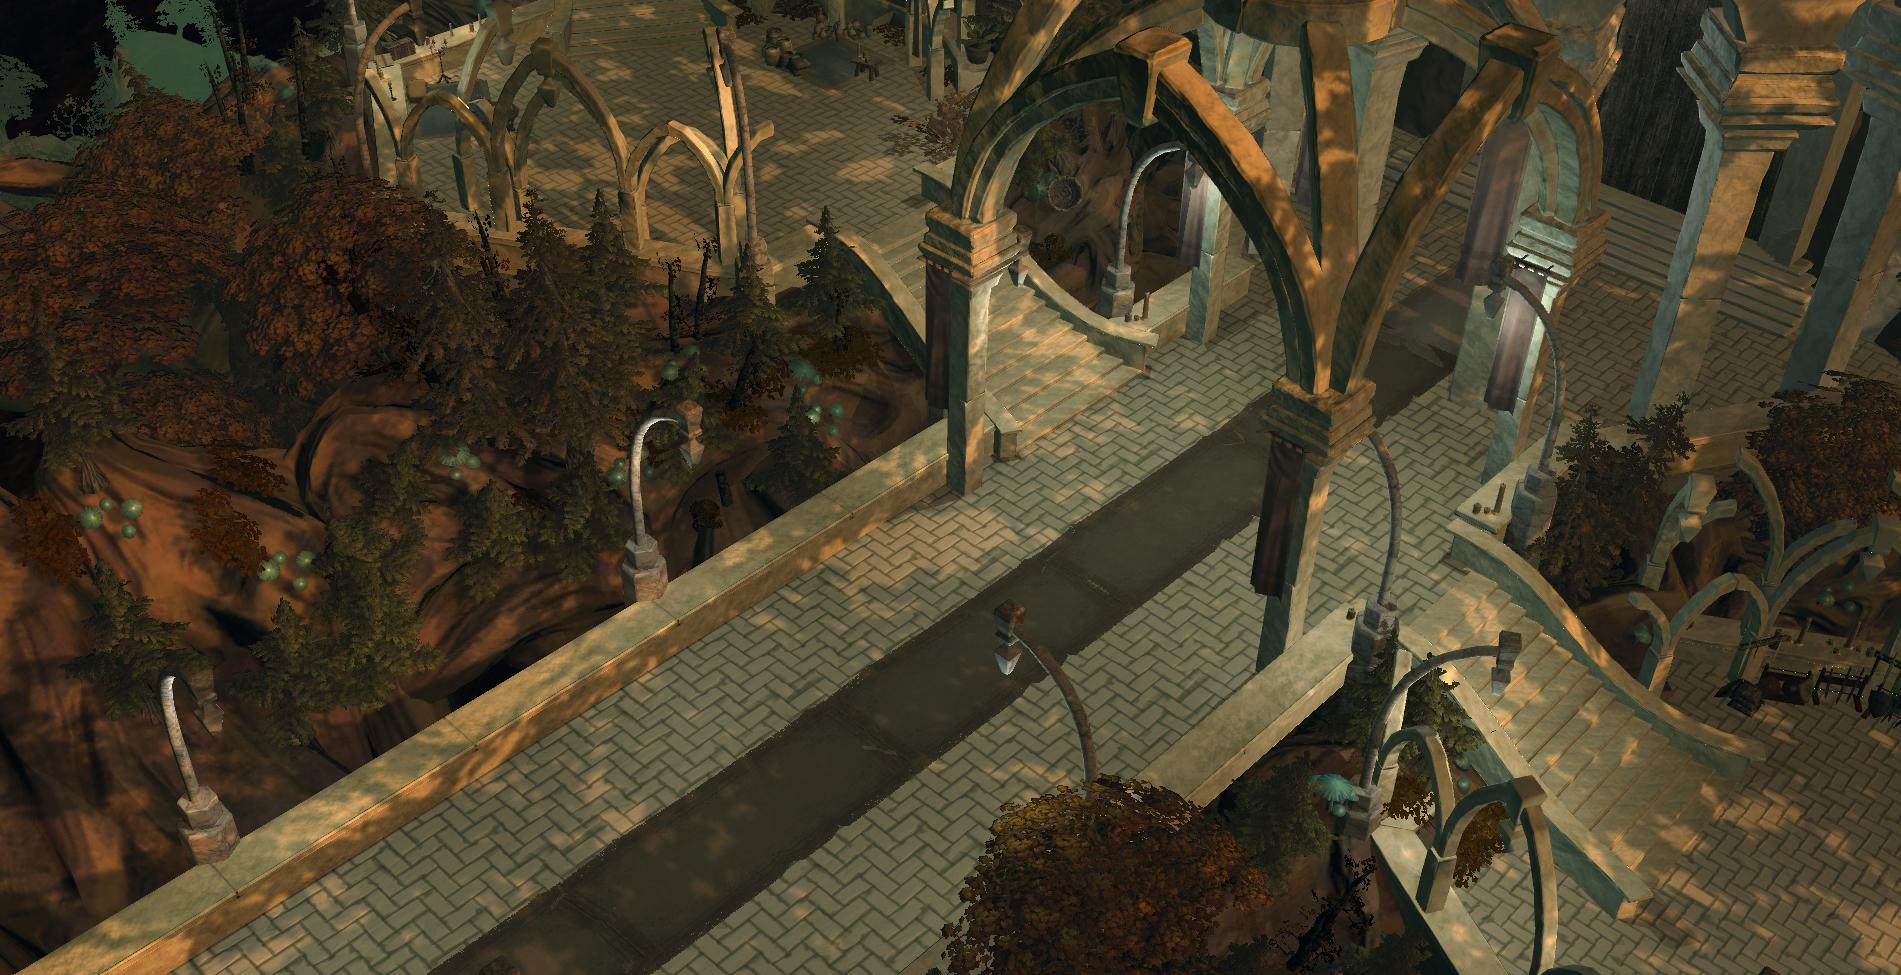 Rpg game Environment